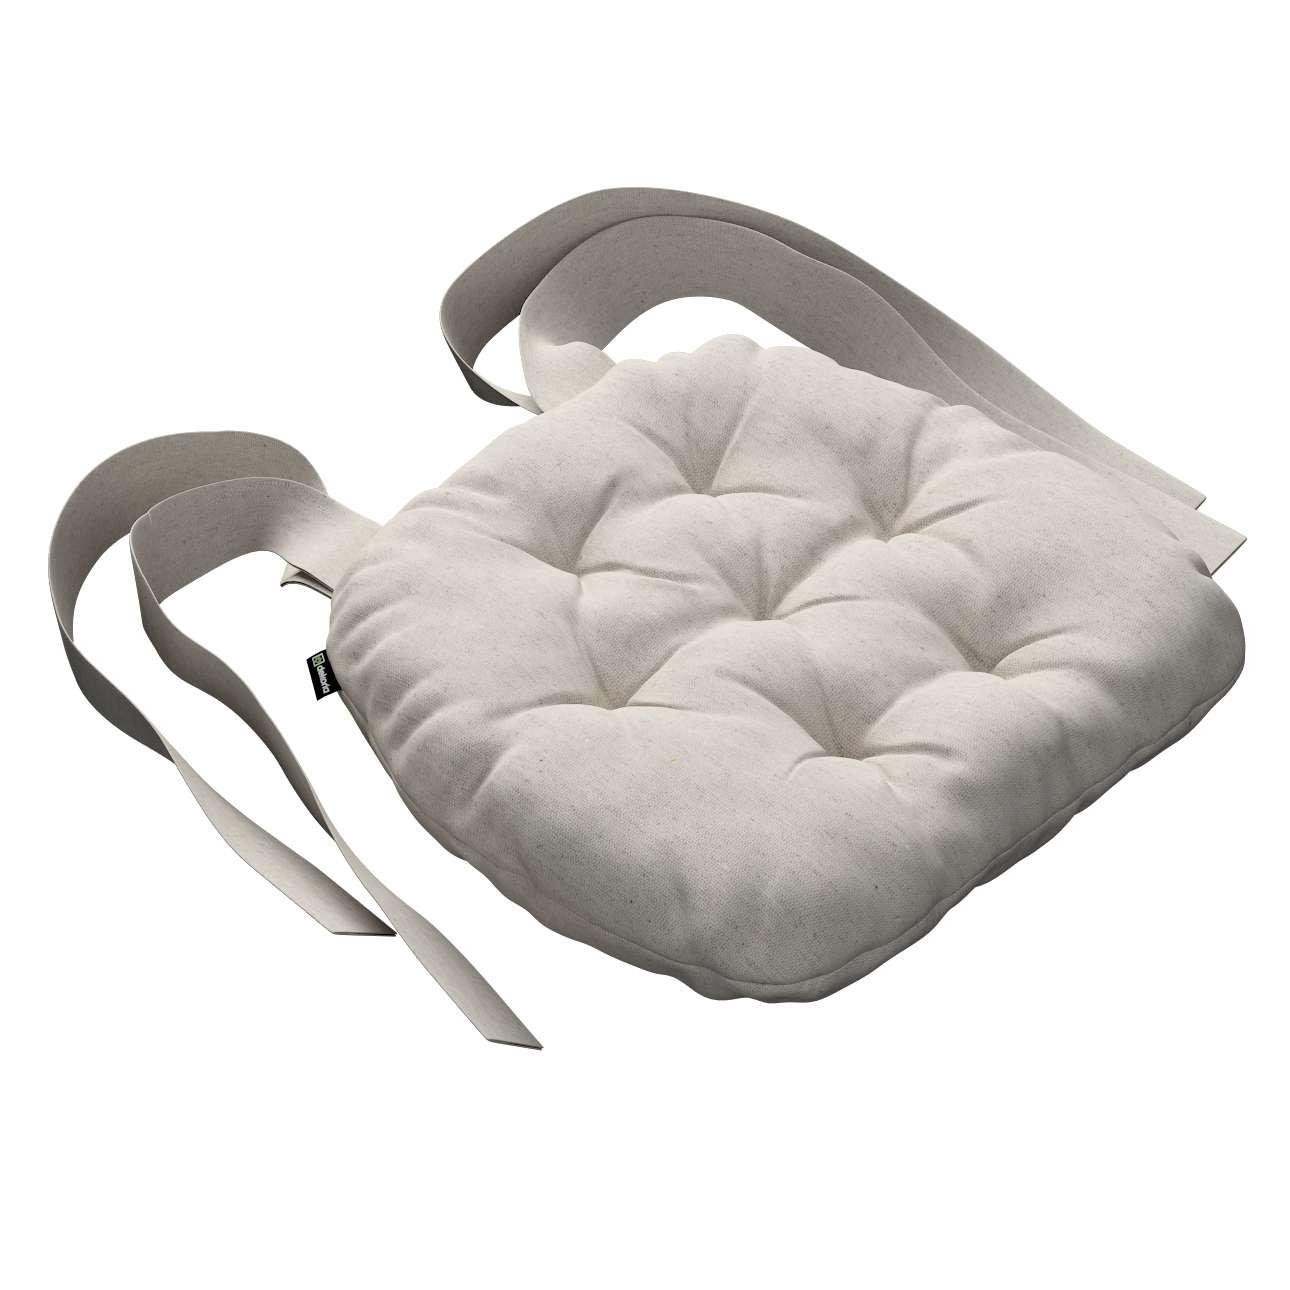 Siedzisko Marcin na krzesło 40x37x8cm w kolekcji Loneta, tkanina: 133-65